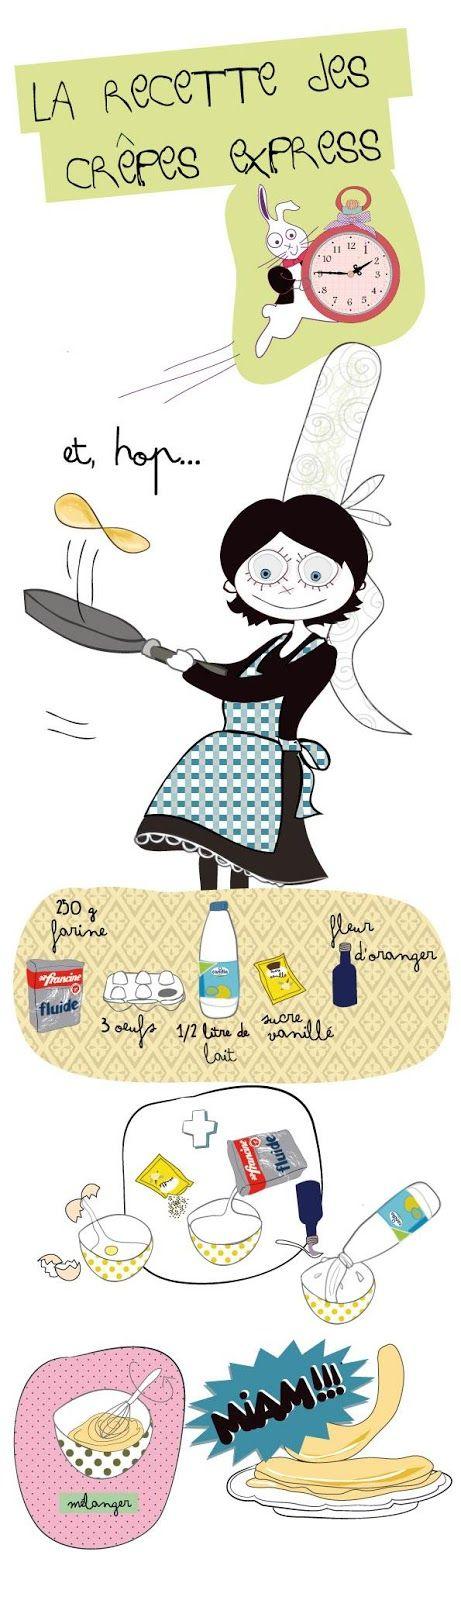 FLE en ESO: La recette illustrée des crêpes express